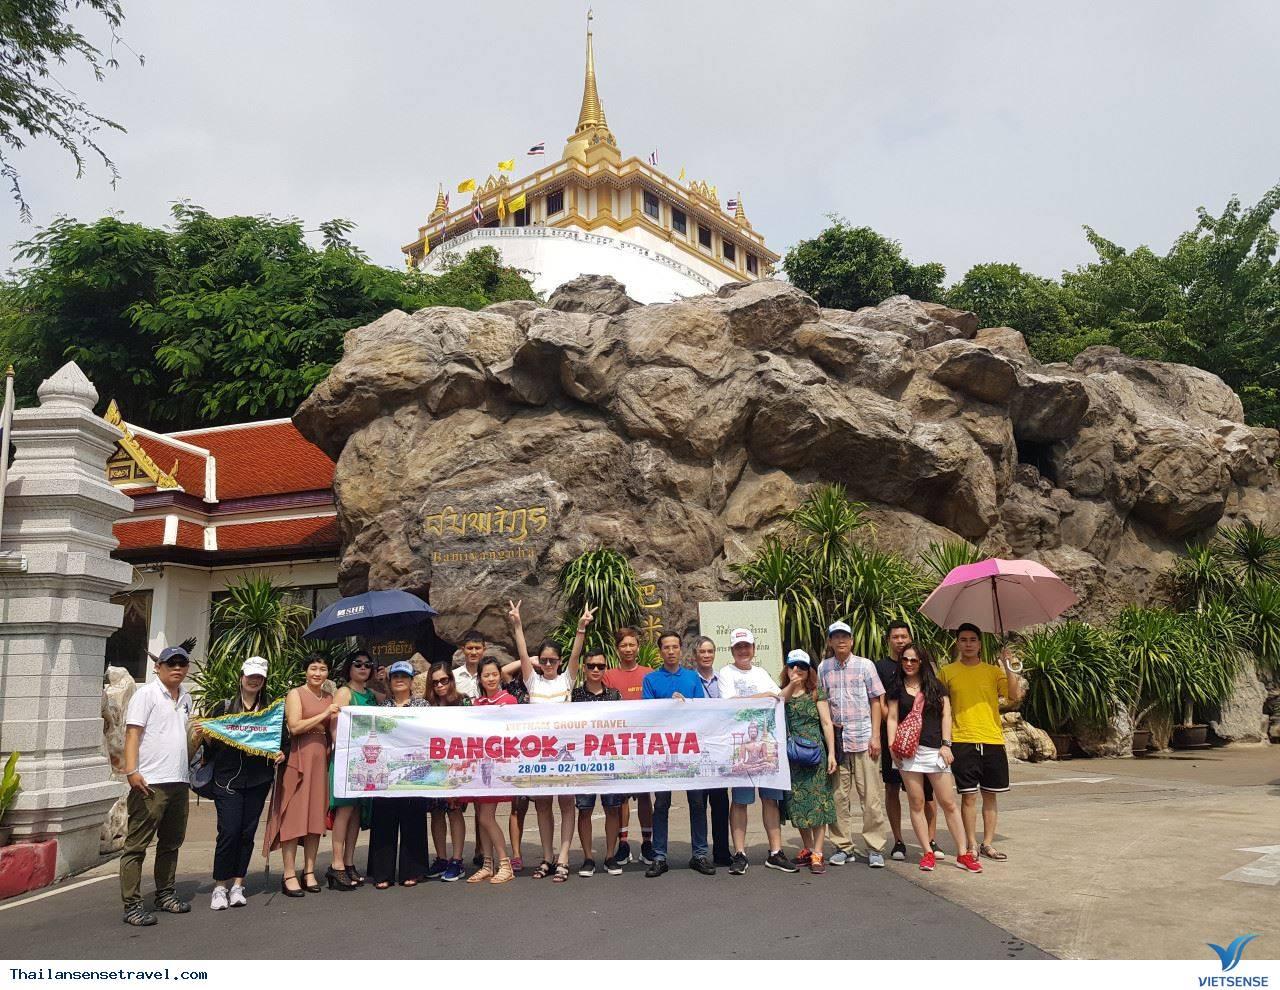 Hình Ảnh Đoàn Thái Lan 28/09 - 02/10/2018 - Ảnh 1